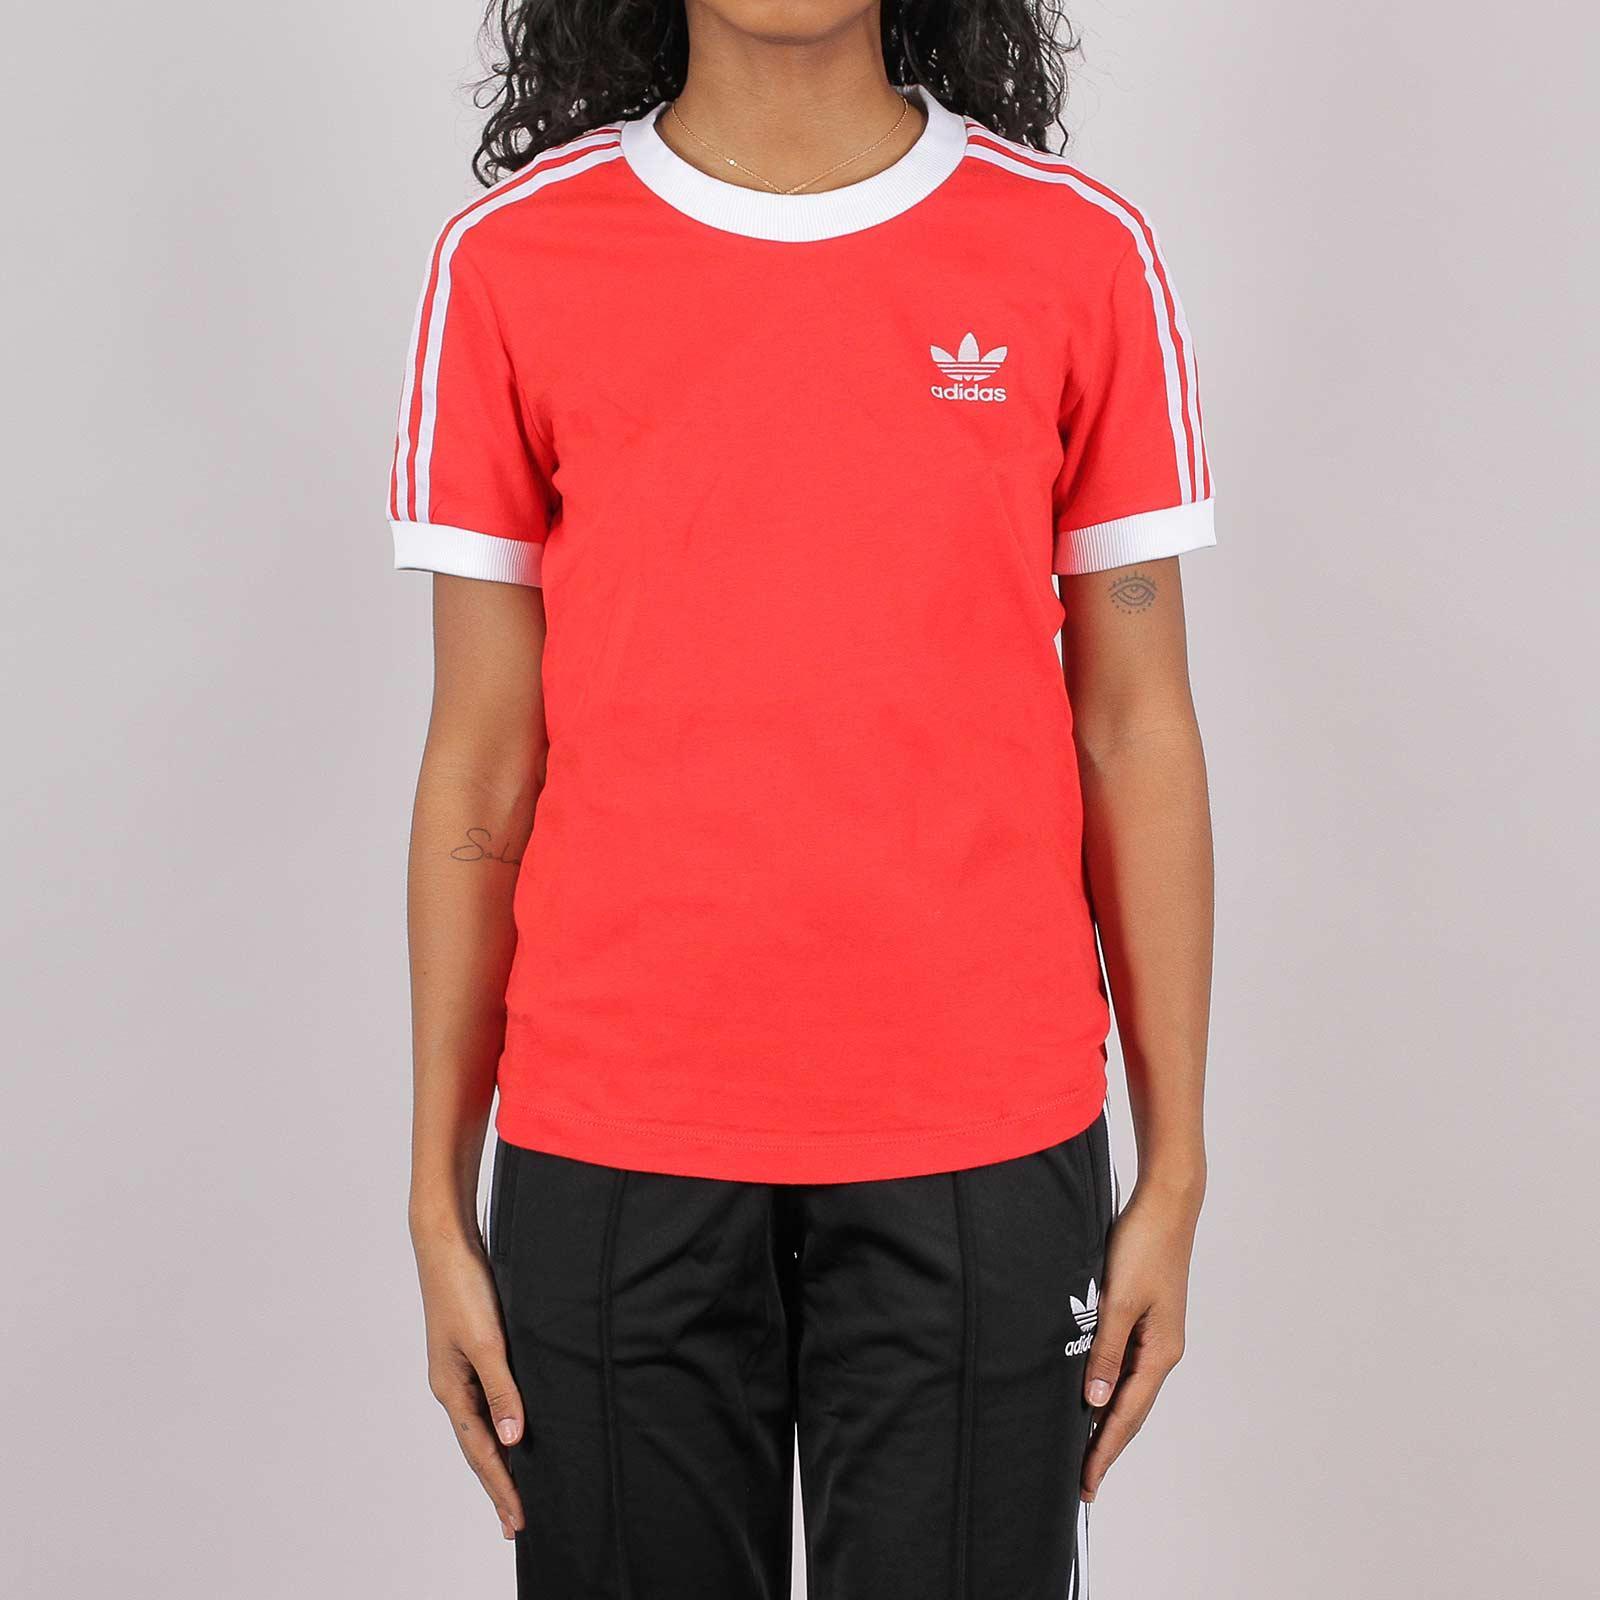 precio Berri Artesano  Shelta - Adidas Originals Womens 3 Stripes T-Shirt Red (FM3318)